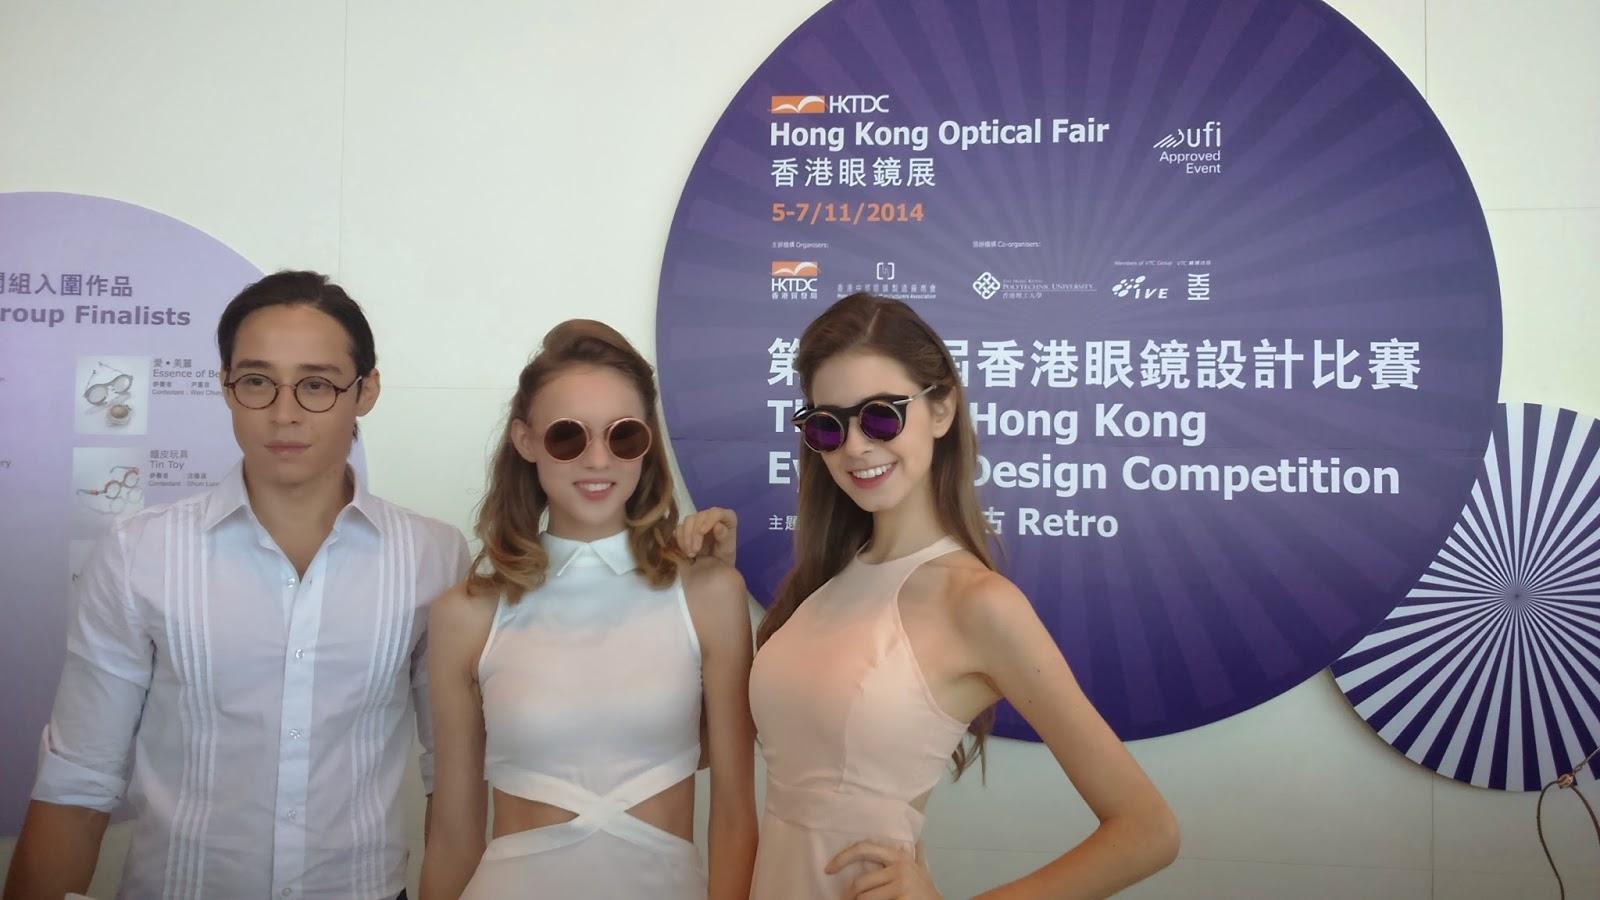 >> 最新眼鏡發展 智能眼鏡*HKTDC 香港眼鏡展記者招待會﹠香港眼鏡設計比賽頒獎禮